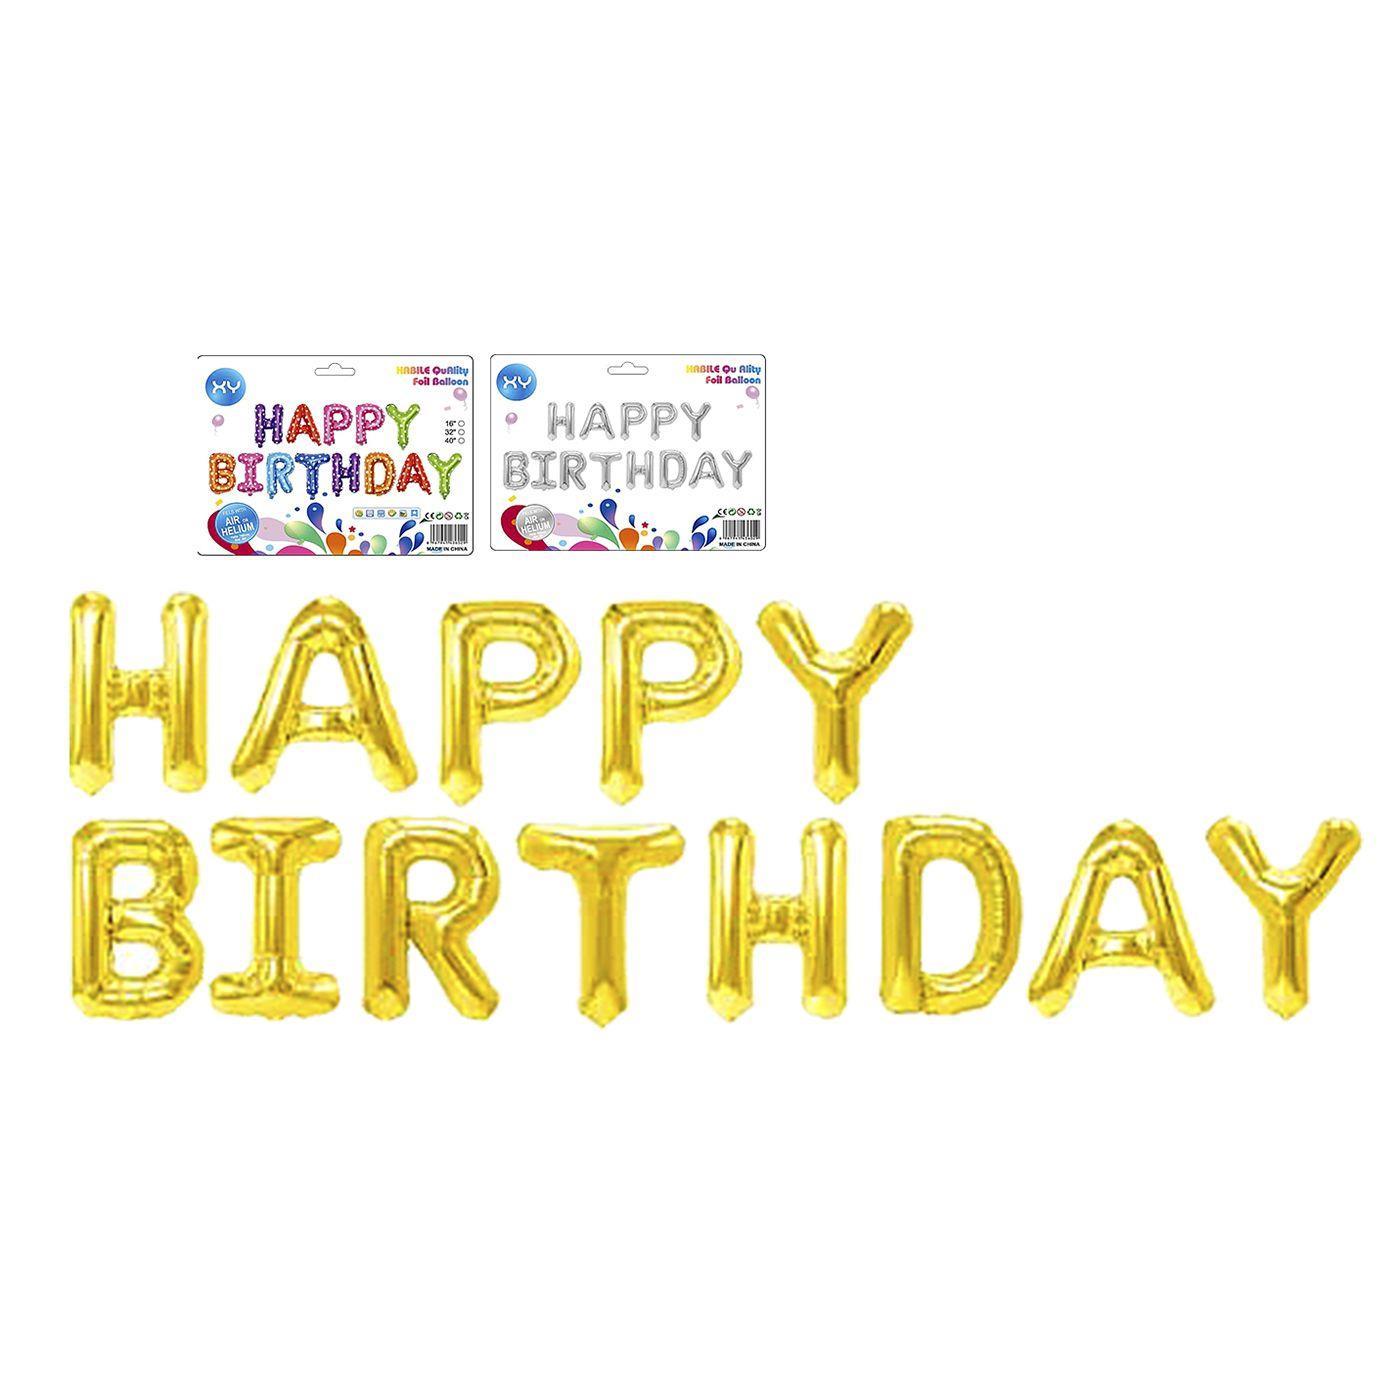 ΦΟΥΣΚΩΤΟ ΜΕΤΑΛΛΙΖΕ HAPPY BIRTHDAY ΥΨΟΣ ΓΡΑΜΜΑΤΩΝ=42cm